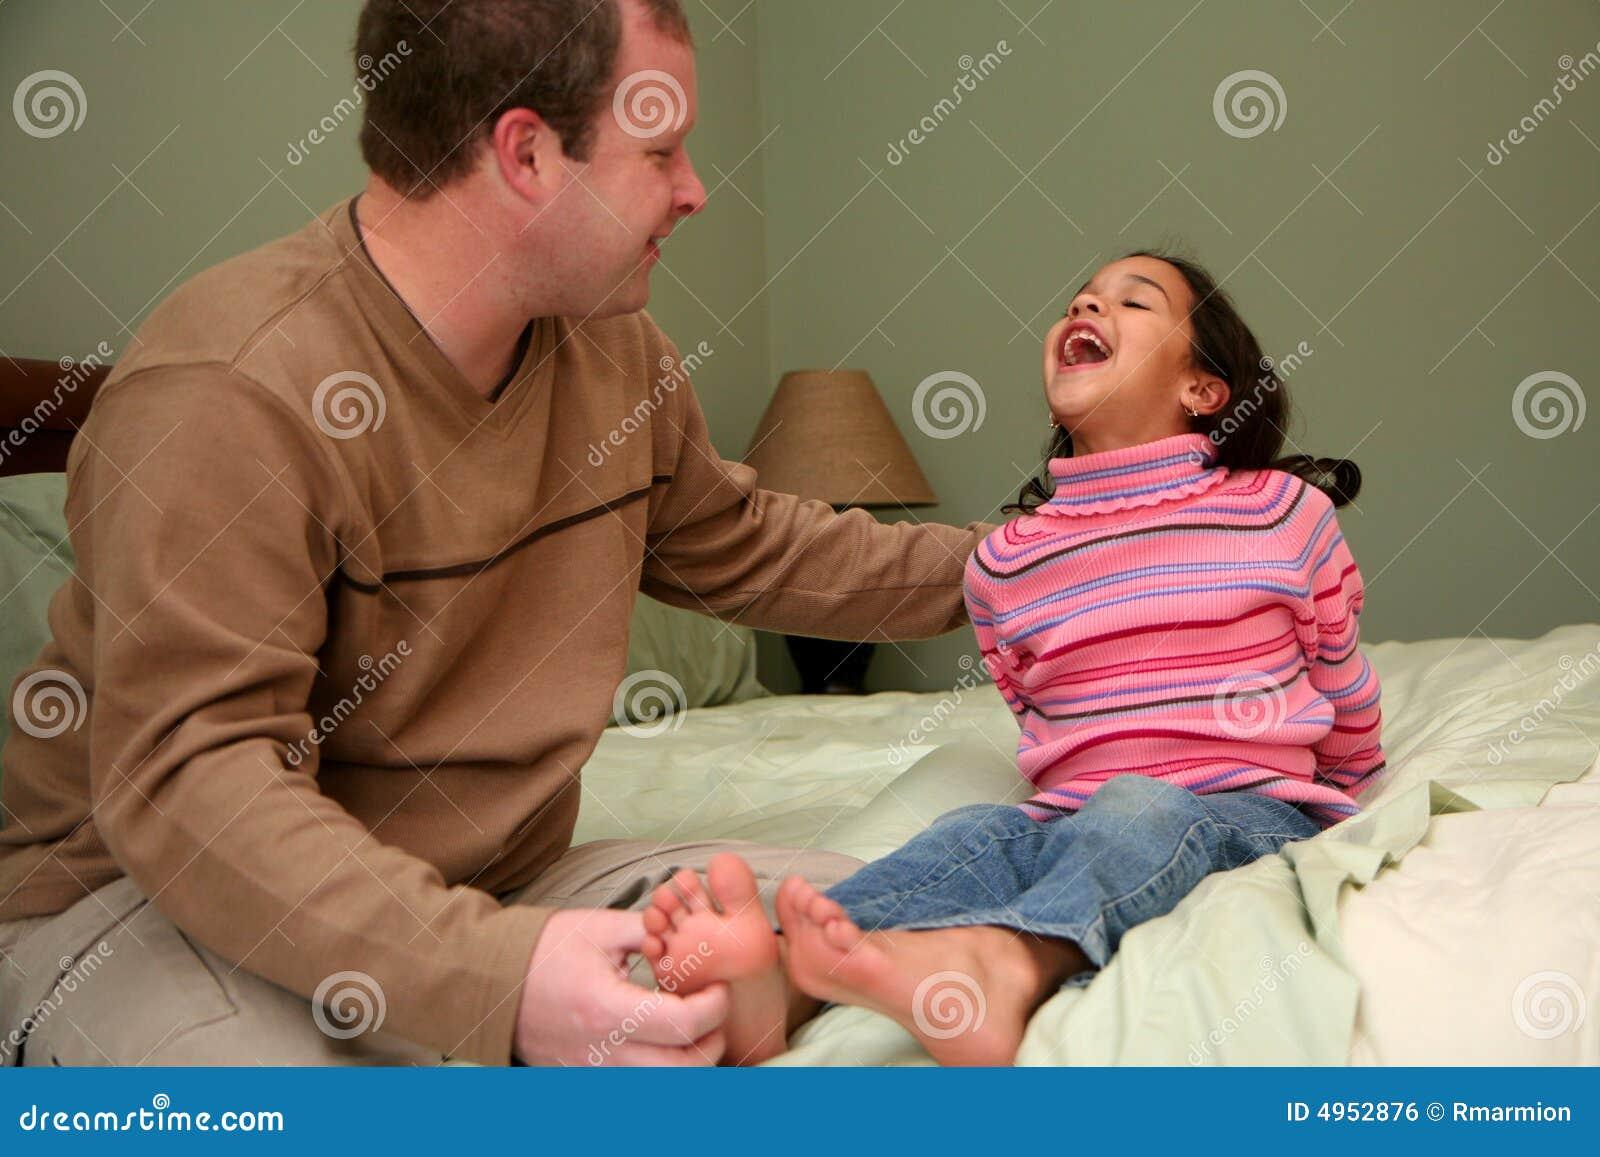 сын лижет у мамки киску